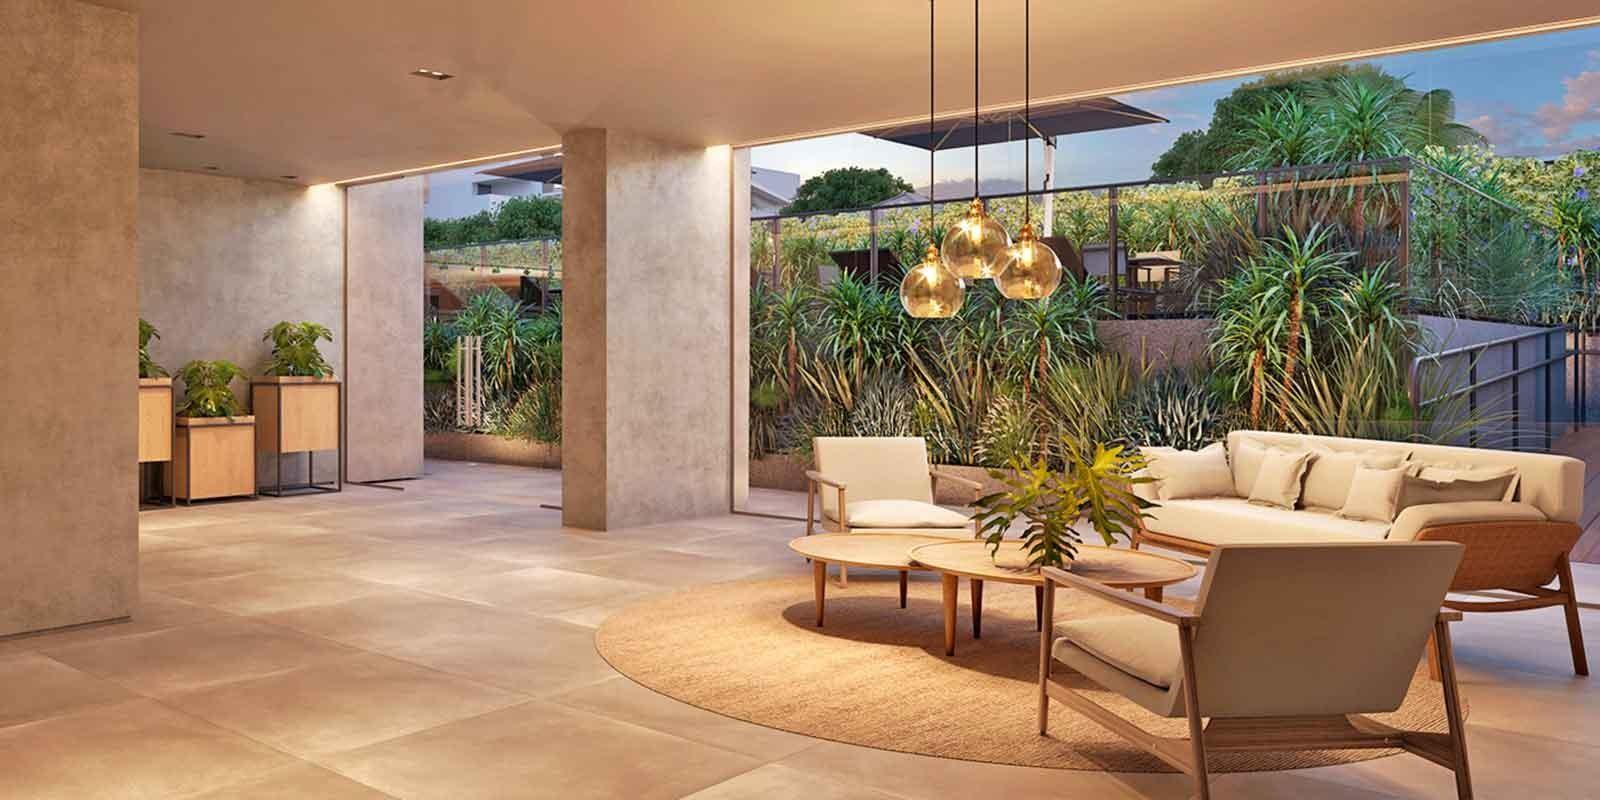 TPS Imóveis - Veja Foto 4 de 20 do Lindos Apartamentos com 3 Suítes Perto da Natureza